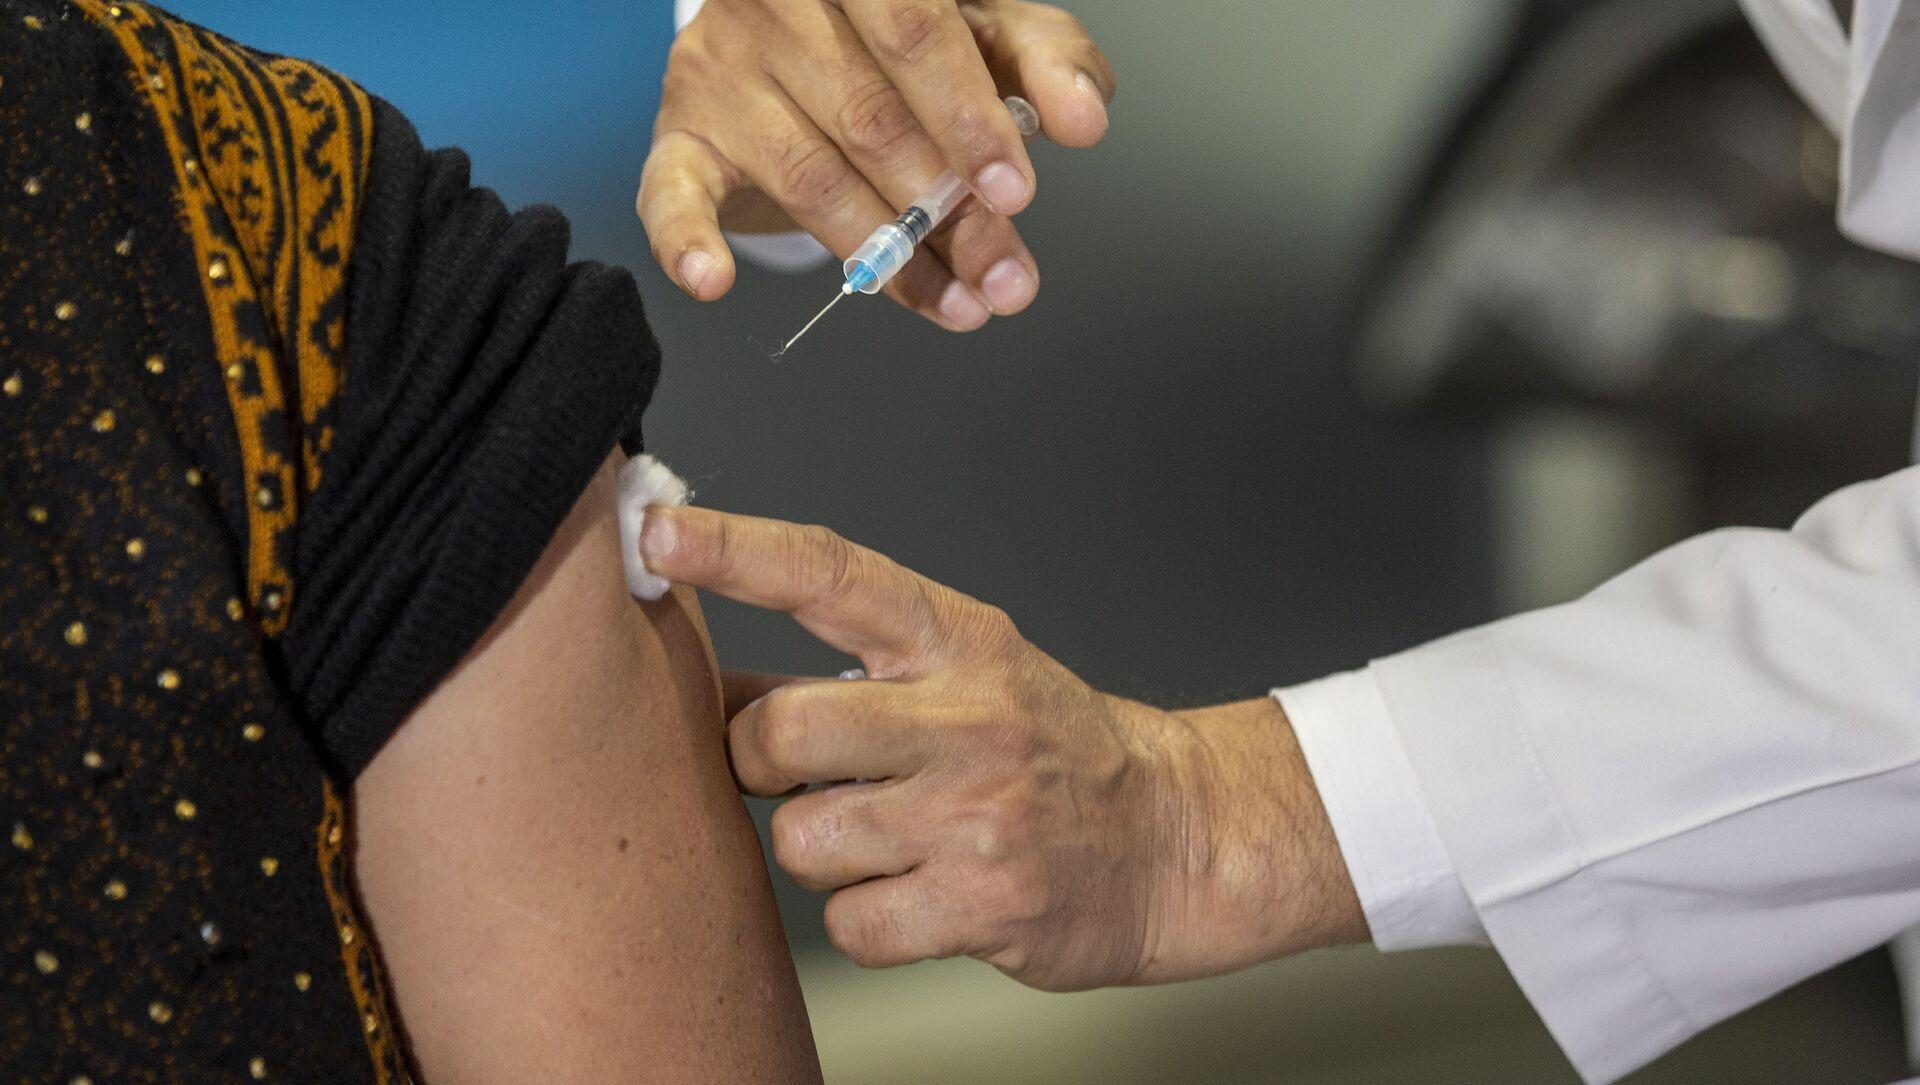 Nhân viên y tế tiêm vắc xin COVID-19, Ấn Độ. - Sputnik Việt Nam, 1920, 15.08.2021